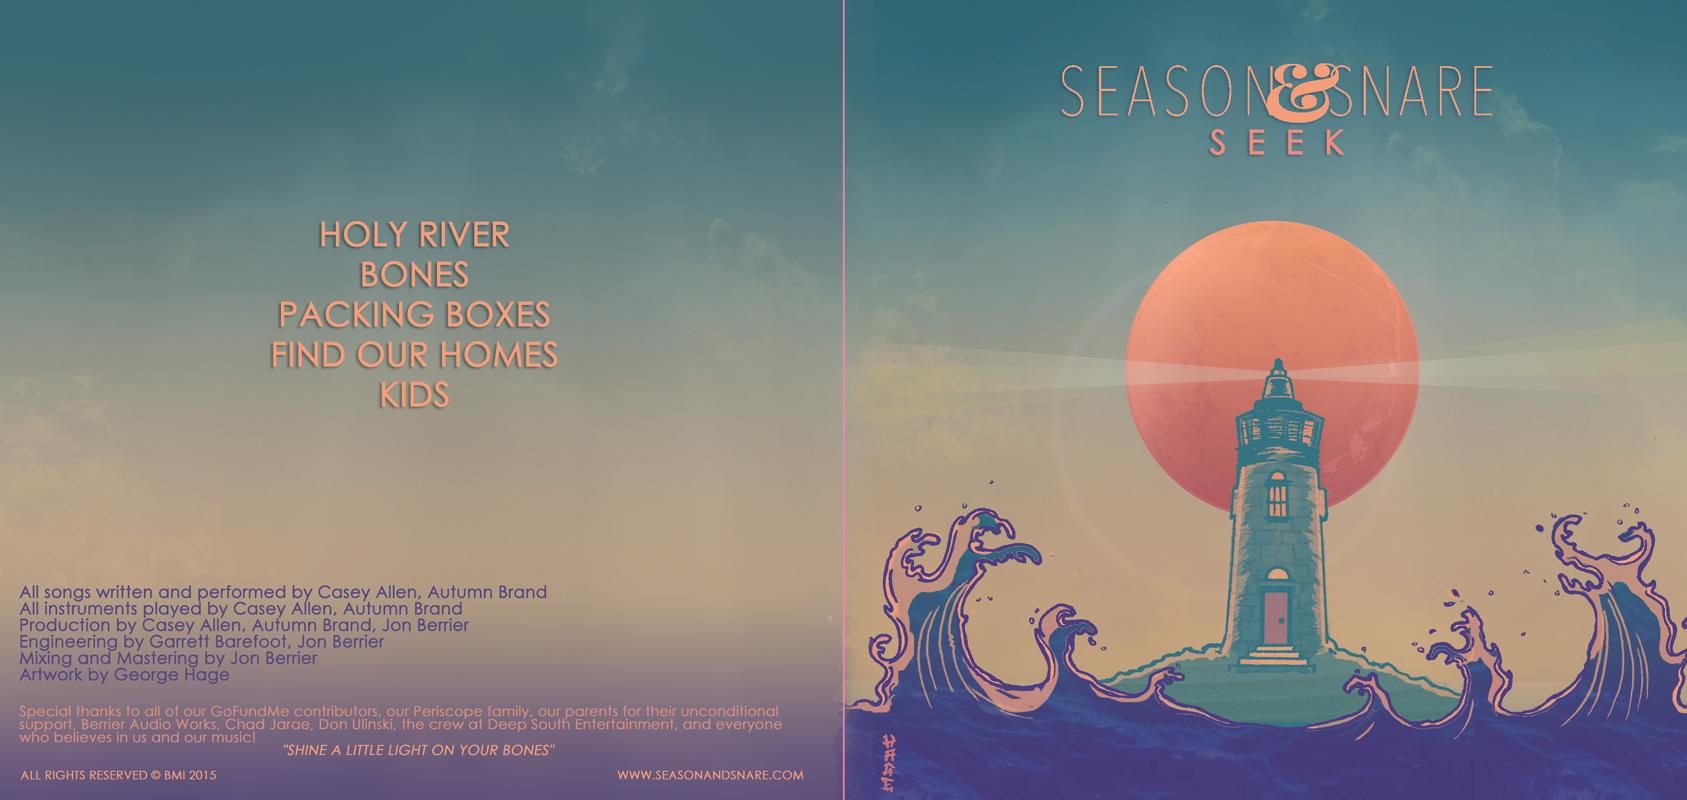 SeasonAndSnare_SEEK_CDsleev.jpg